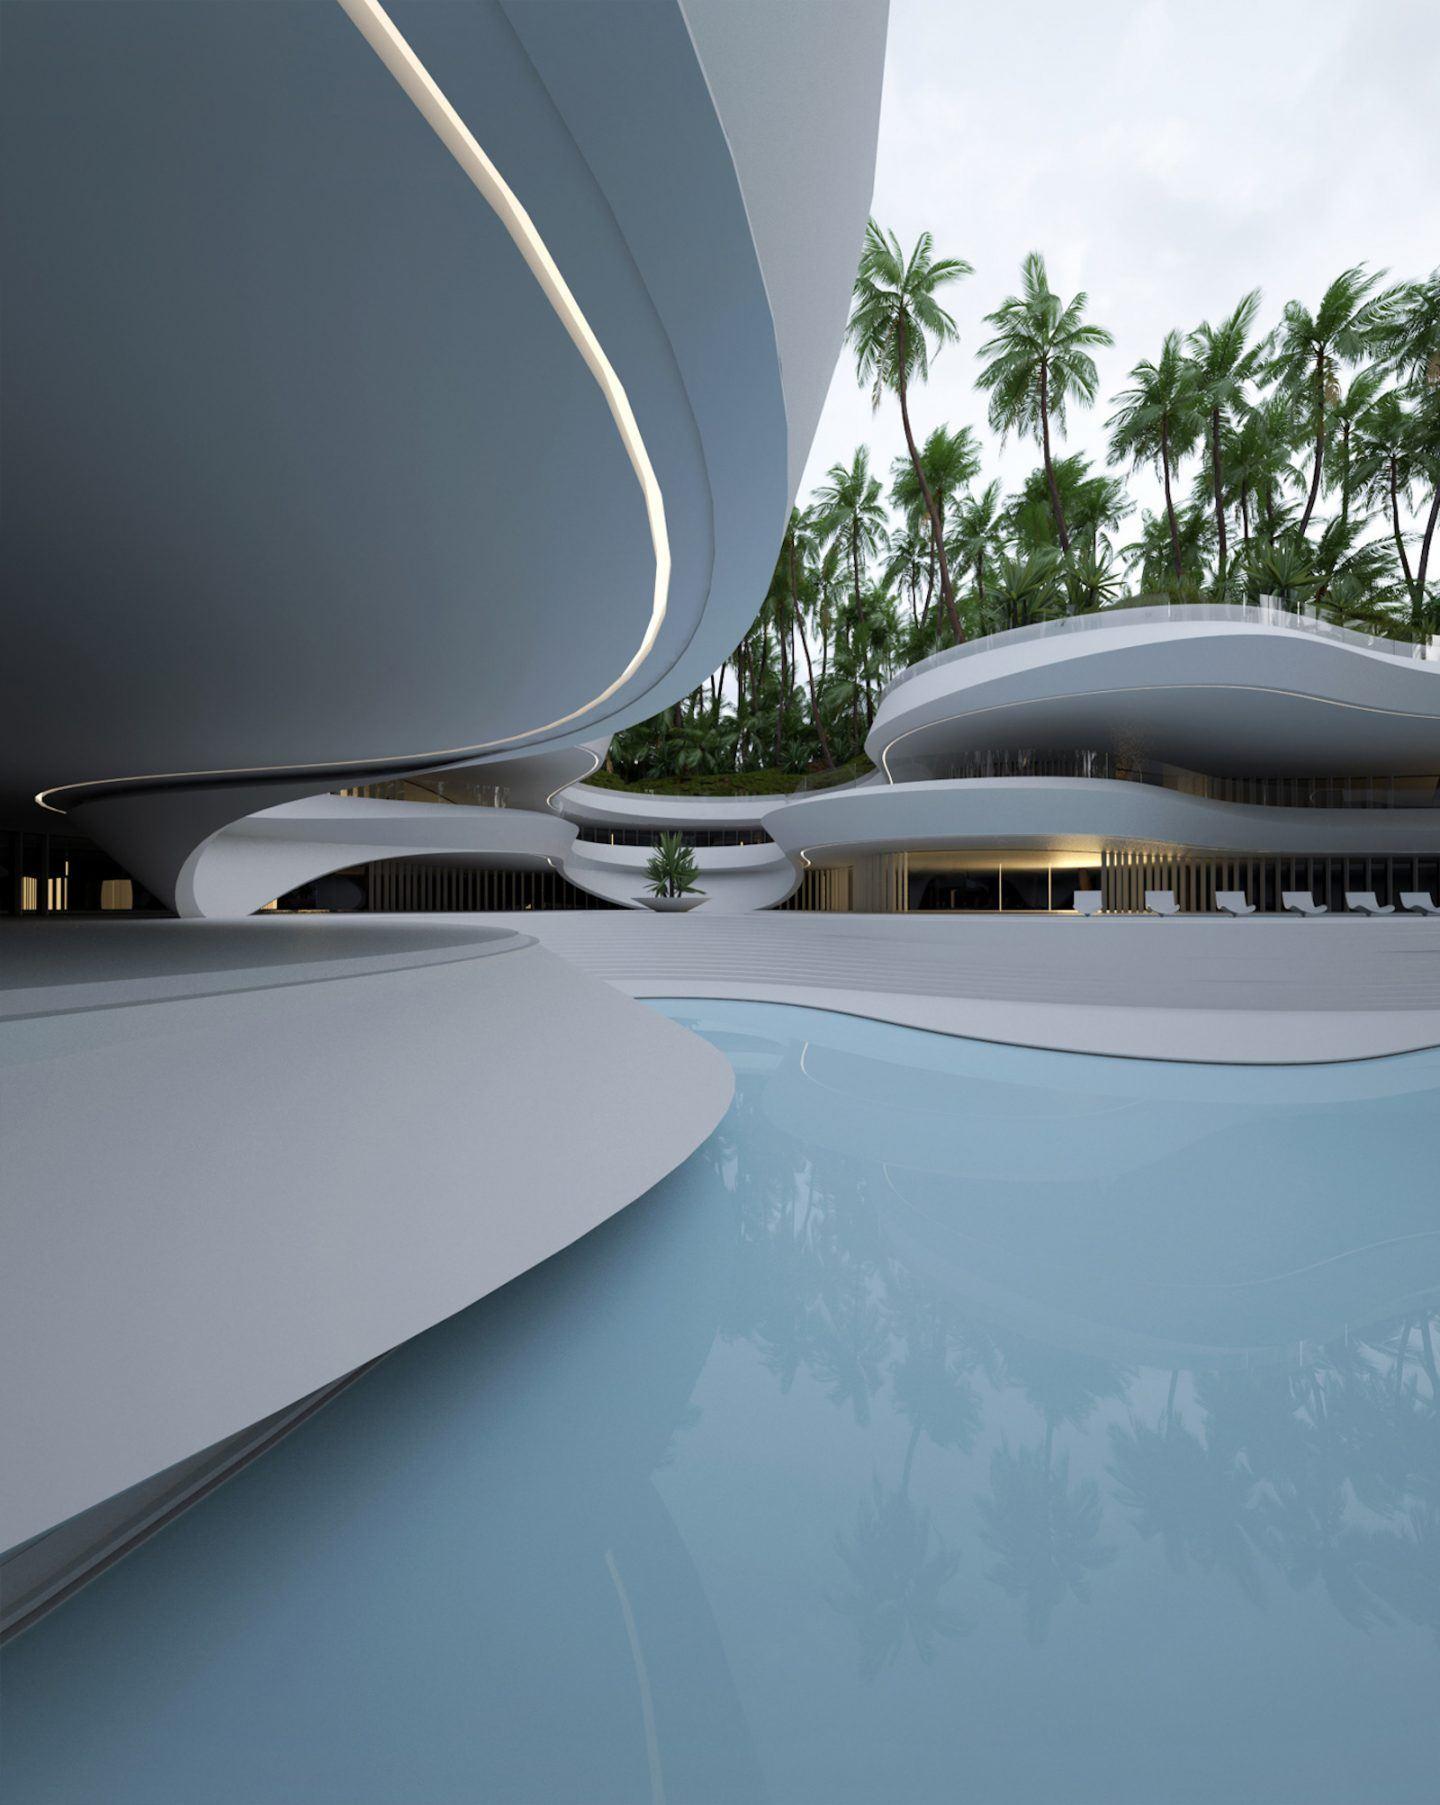 IGNANT-Architecture-Roman-Vlasov-Concept-689-003